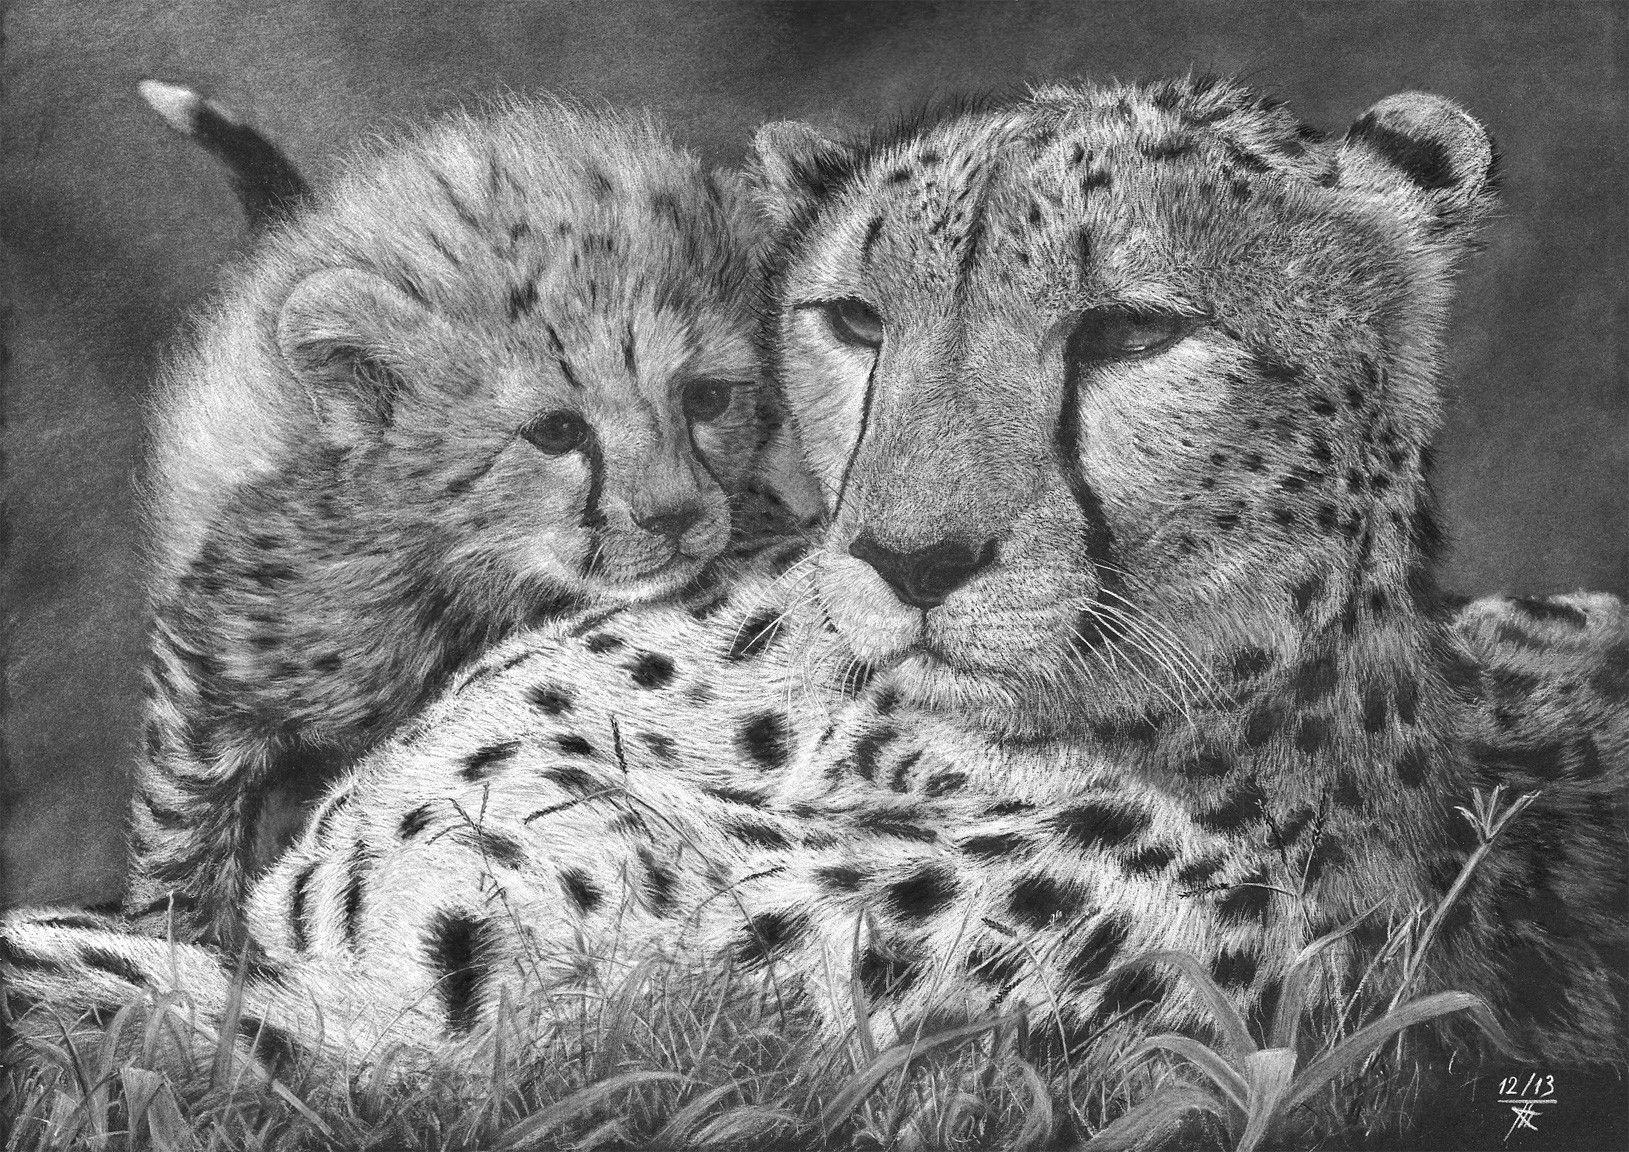 cheetah gu pards crayon blanc sur papier noir dessin en format 42 x 30 cm les dessins de. Black Bedroom Furniture Sets. Home Design Ideas